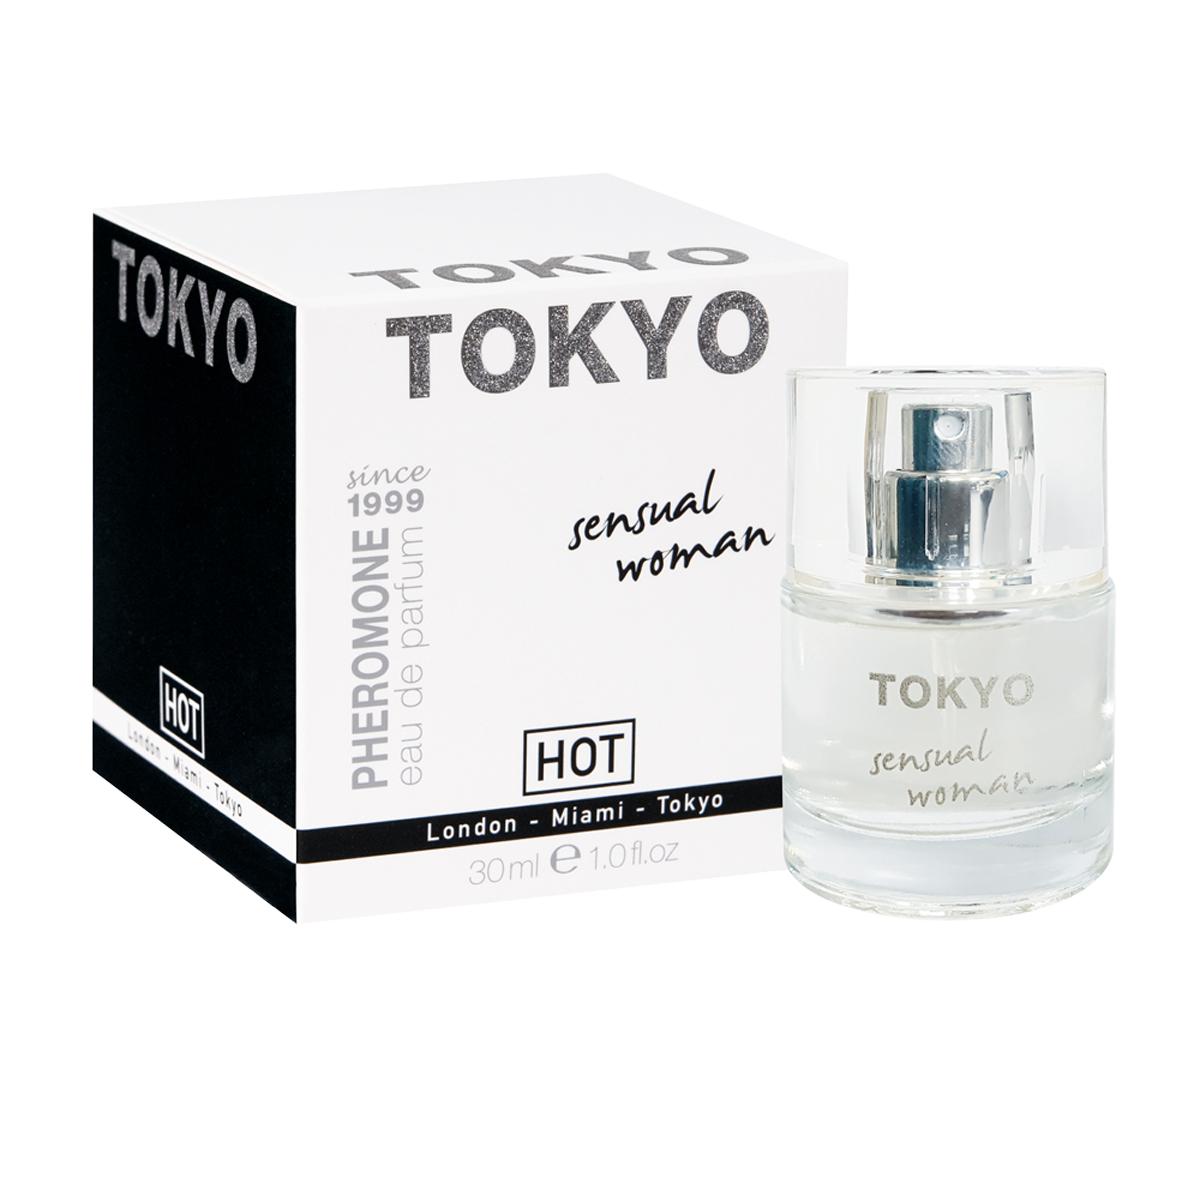 Hot Женские духи с феромонами Tokyo sensual 30 мл55113Базовые ноты креативного и динамичного Токио - опопонакс и ветивер. Свежесть и легкость этого нон-стоп города дадут ощутить апельсин, мандарин и мимоза.